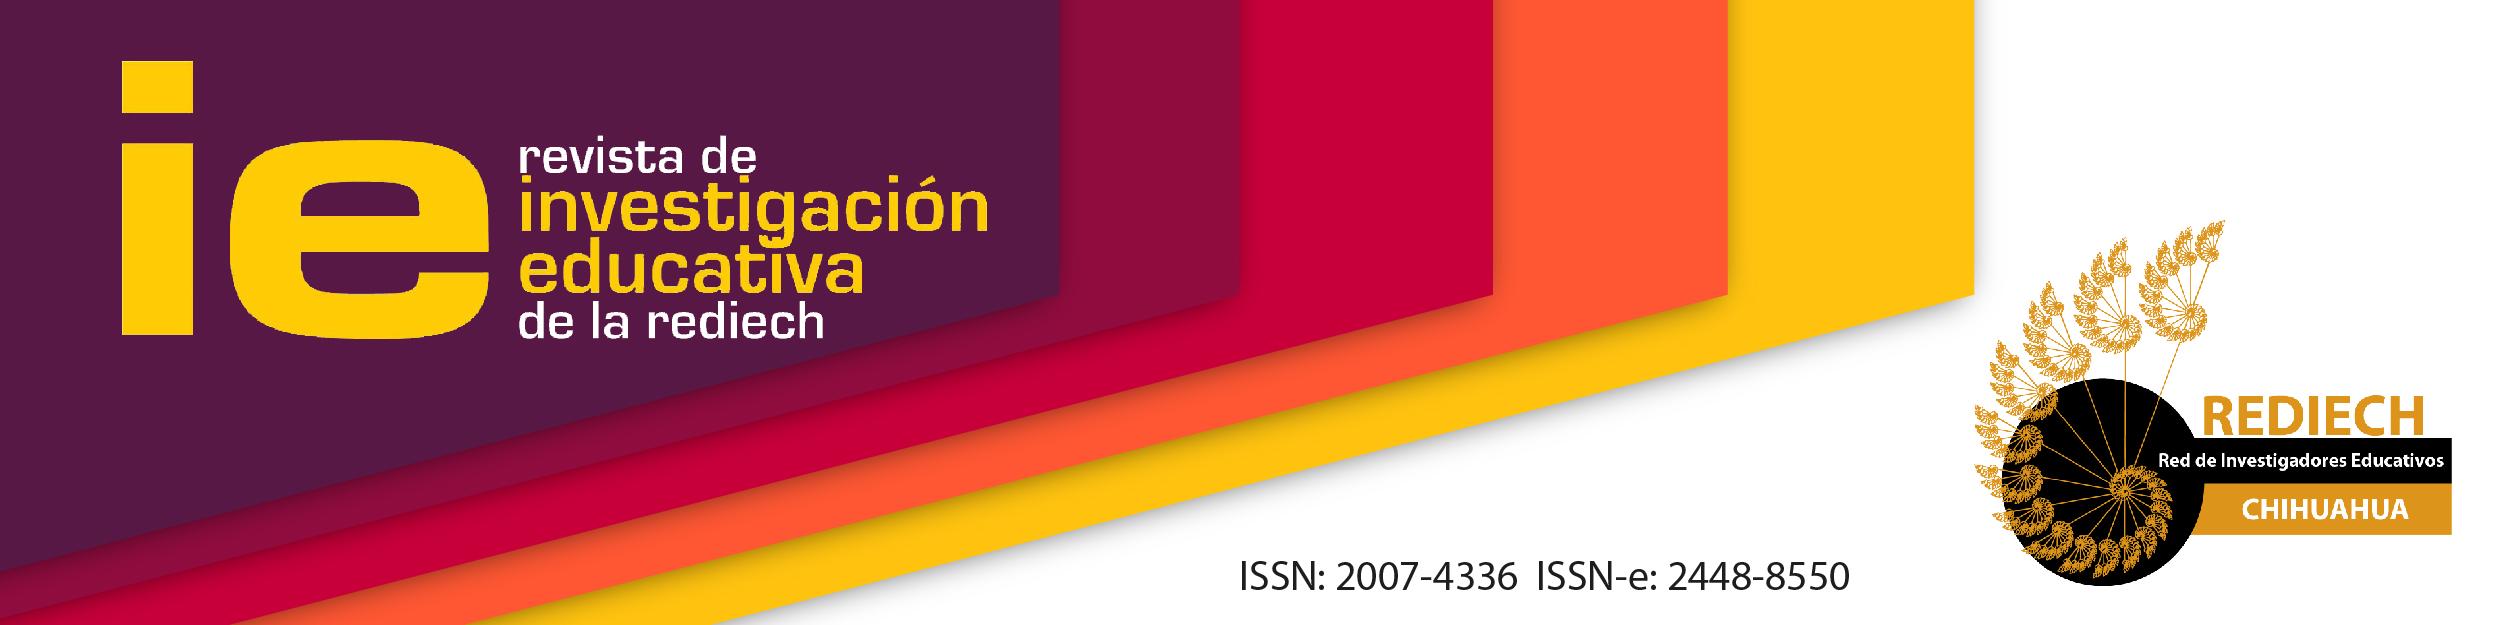 IE Revista de Investigación Educativa de la REDIECH